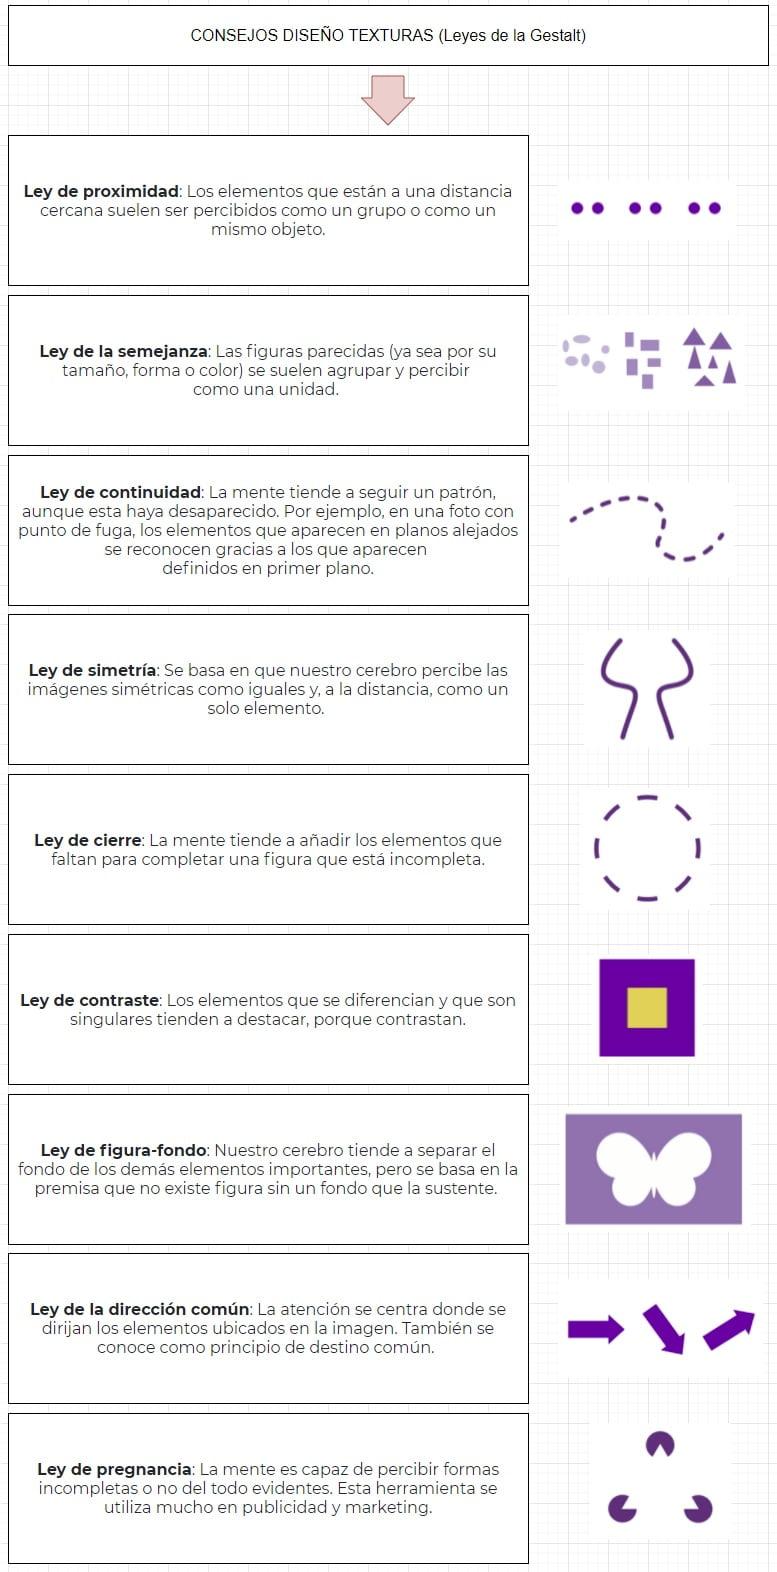 consejos para diseño de texturas